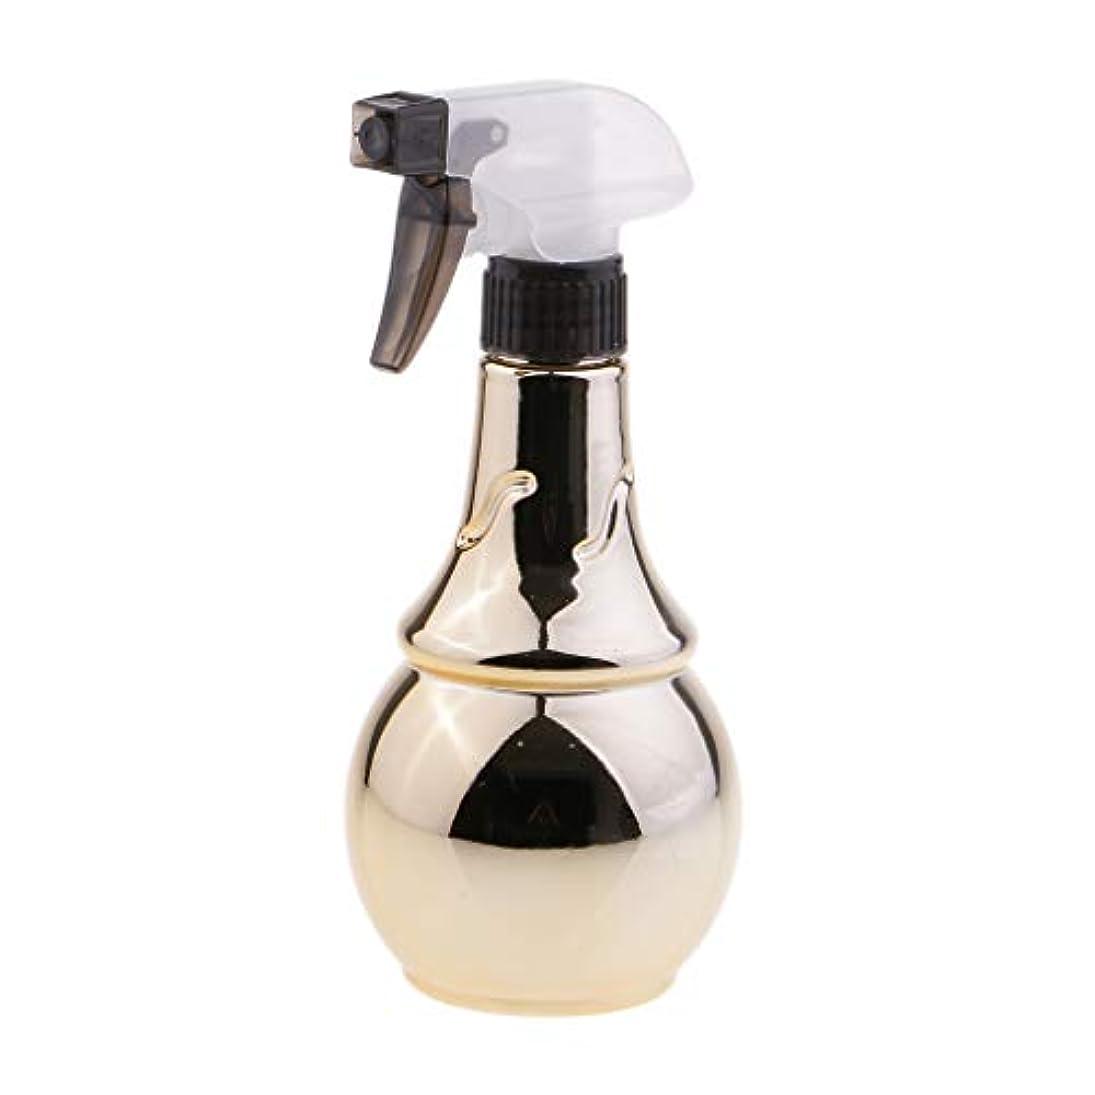 地球かもめ傘水スプレー 美容室 トリガースプレーボトル 水スプレー容器 霧吹き 300ミリリットル 2色選べ - 金